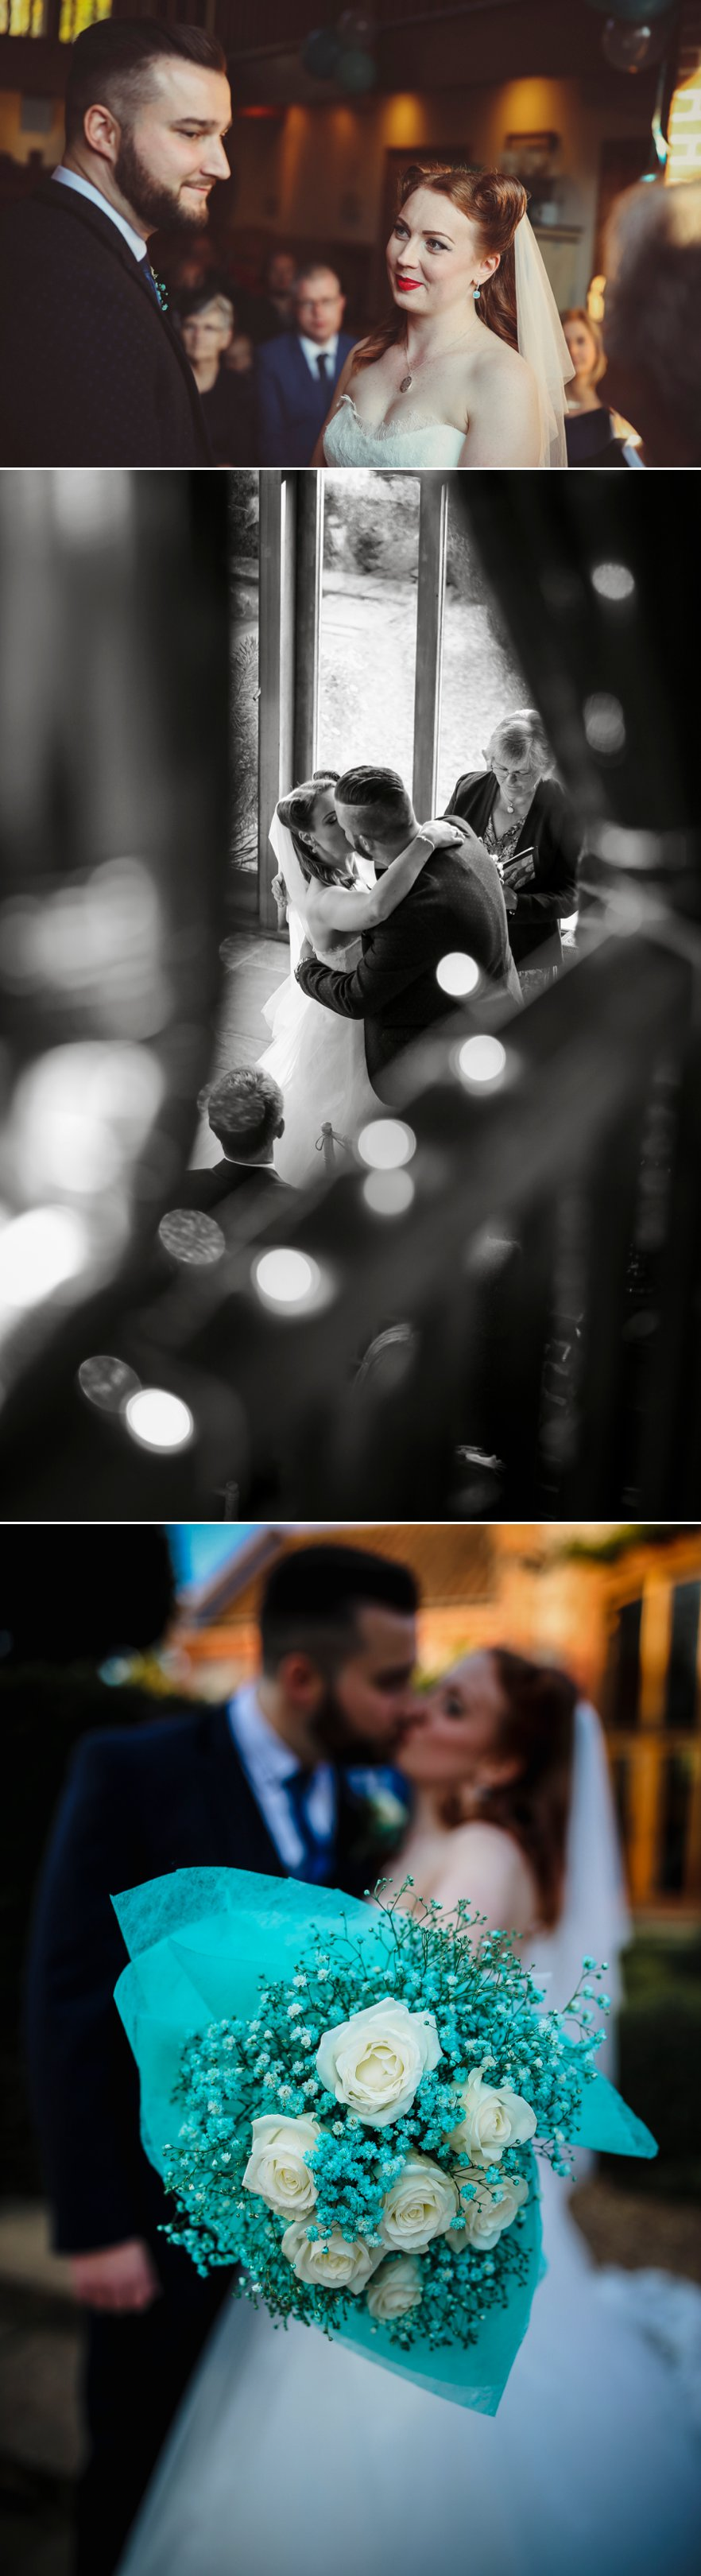 patrick-watson-photography_0420